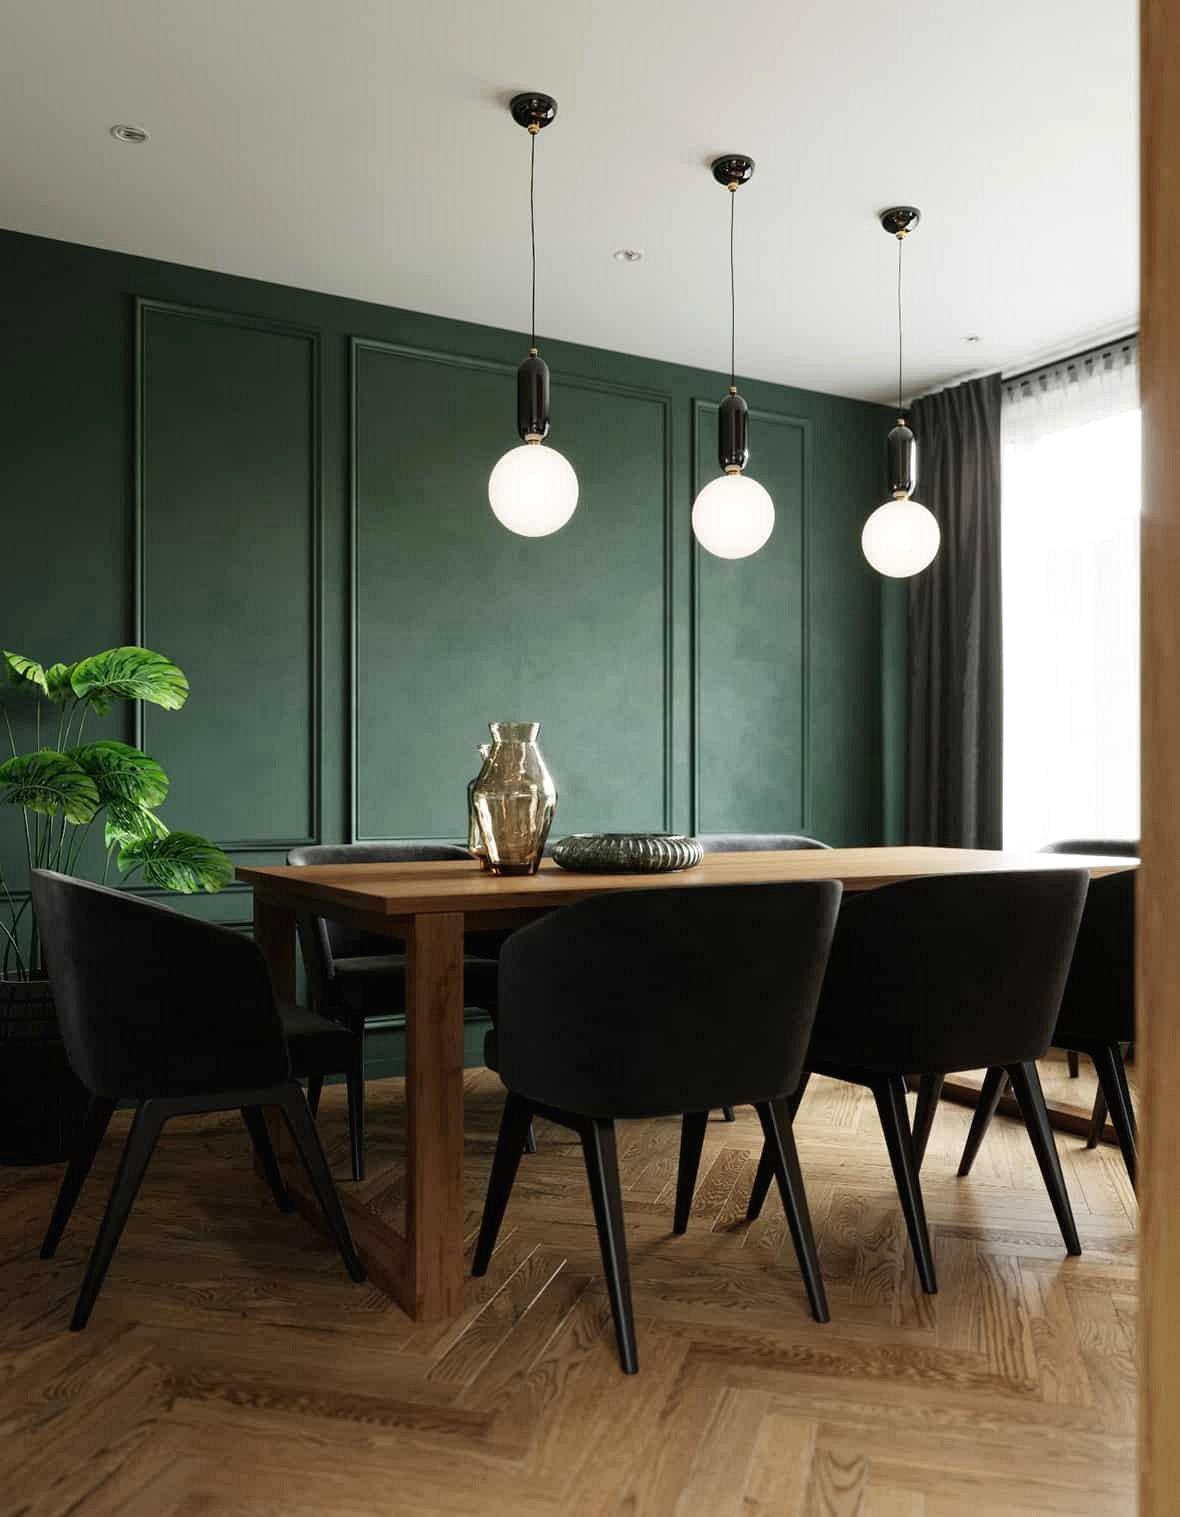 Phòng ăn được bố trí ở góc phòng với bức tường màu xanh, đèn tròn cổ điển cung cấp ánh sáng nhẹ.